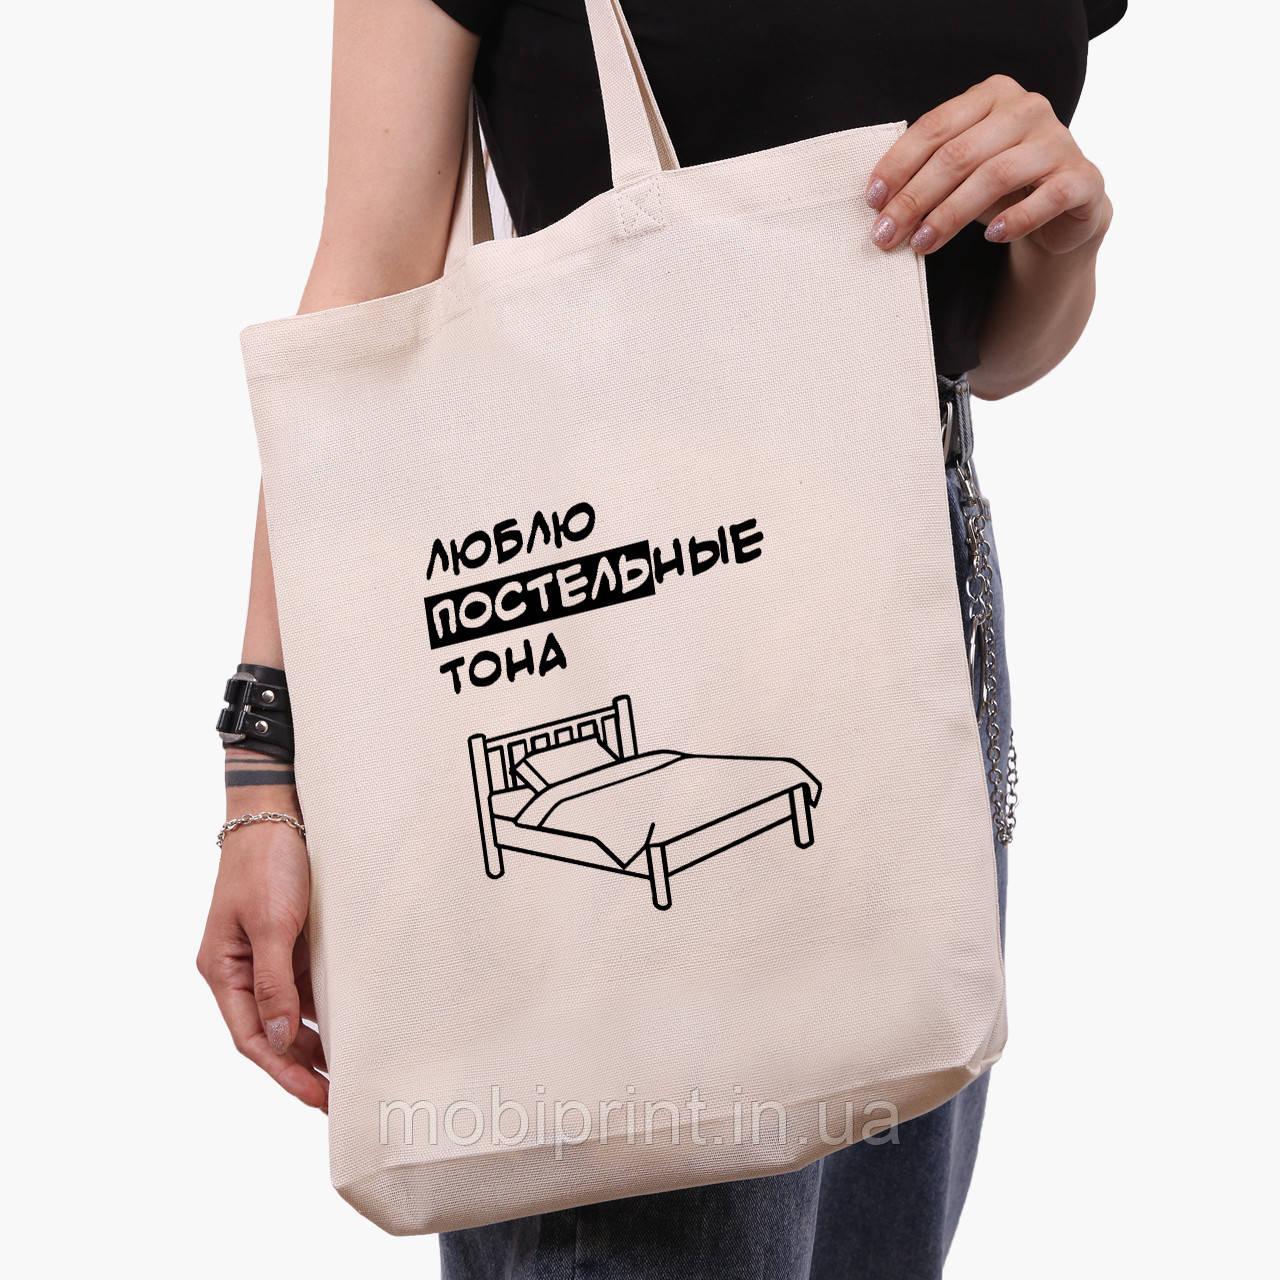 Эко сумка шоппер белая Люблю постельные тона (I love bed colors) (9227-1543-1)  экосумка шопер 41*39*8 см